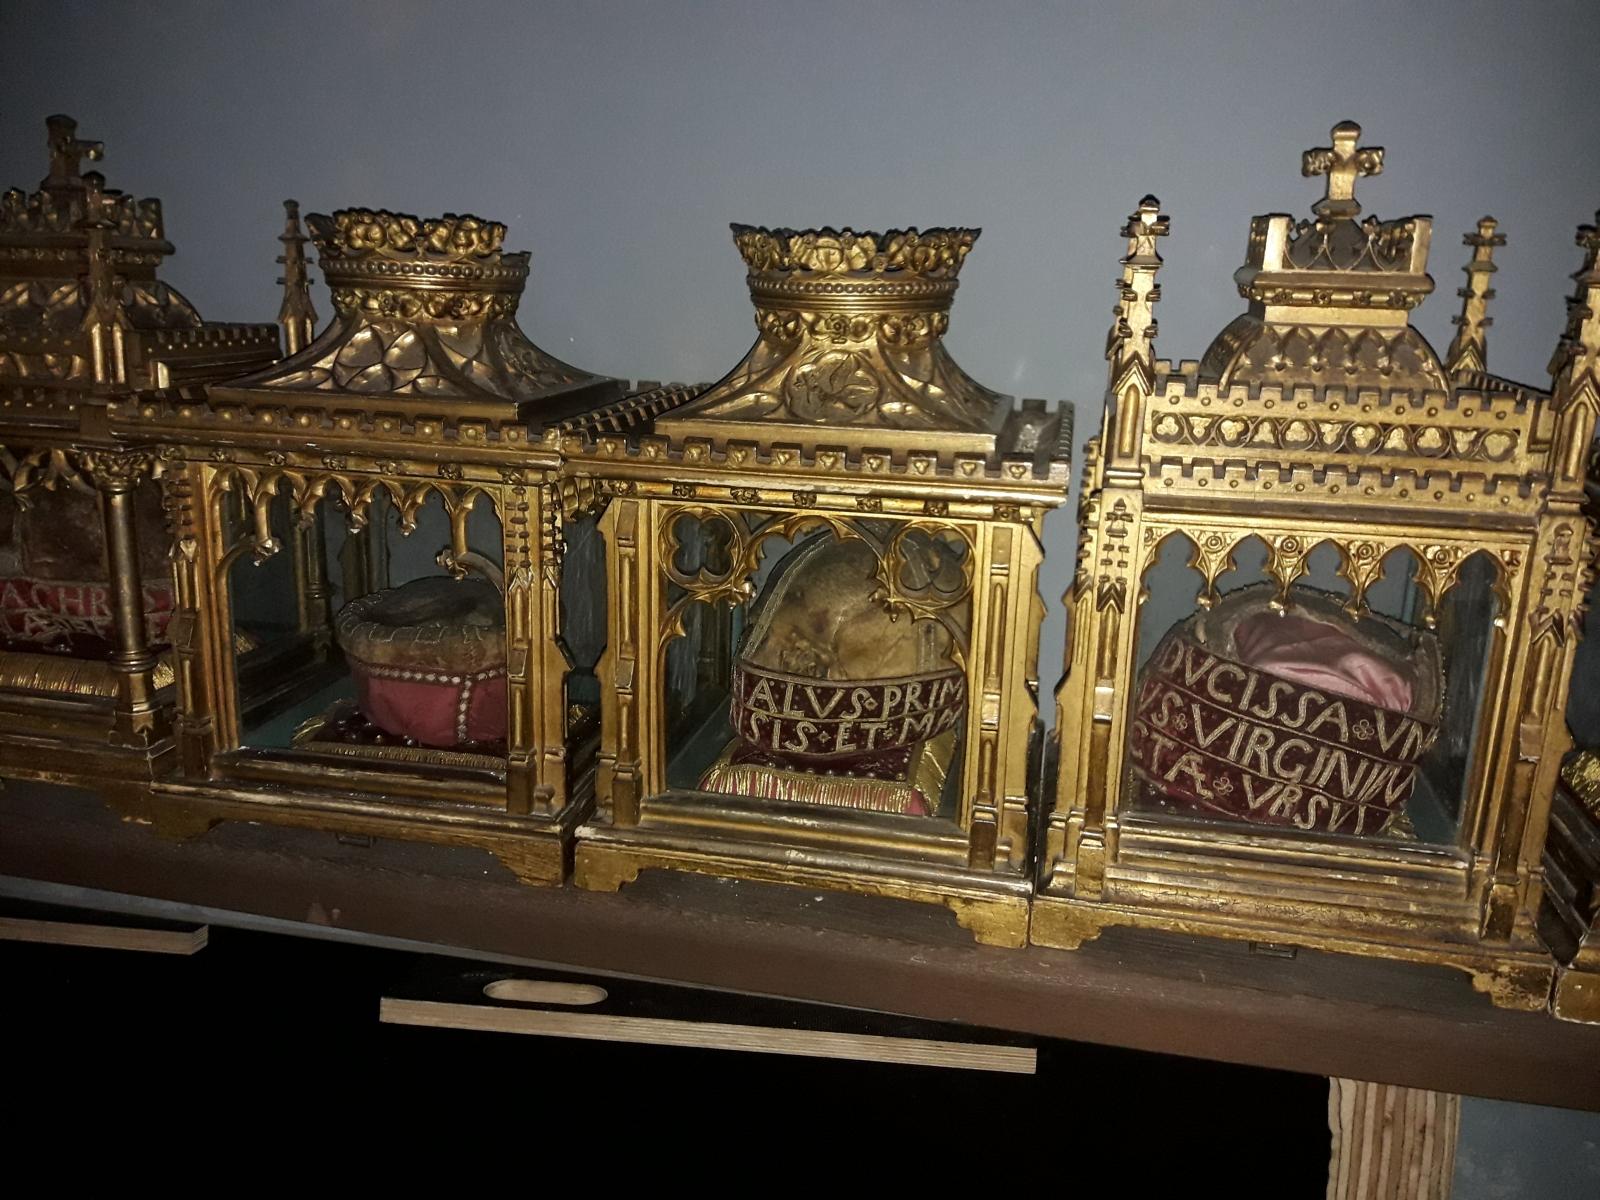 Schädelreliquien in der Goldenen Kammer, St. Ursula, Bild: Christian Beckers